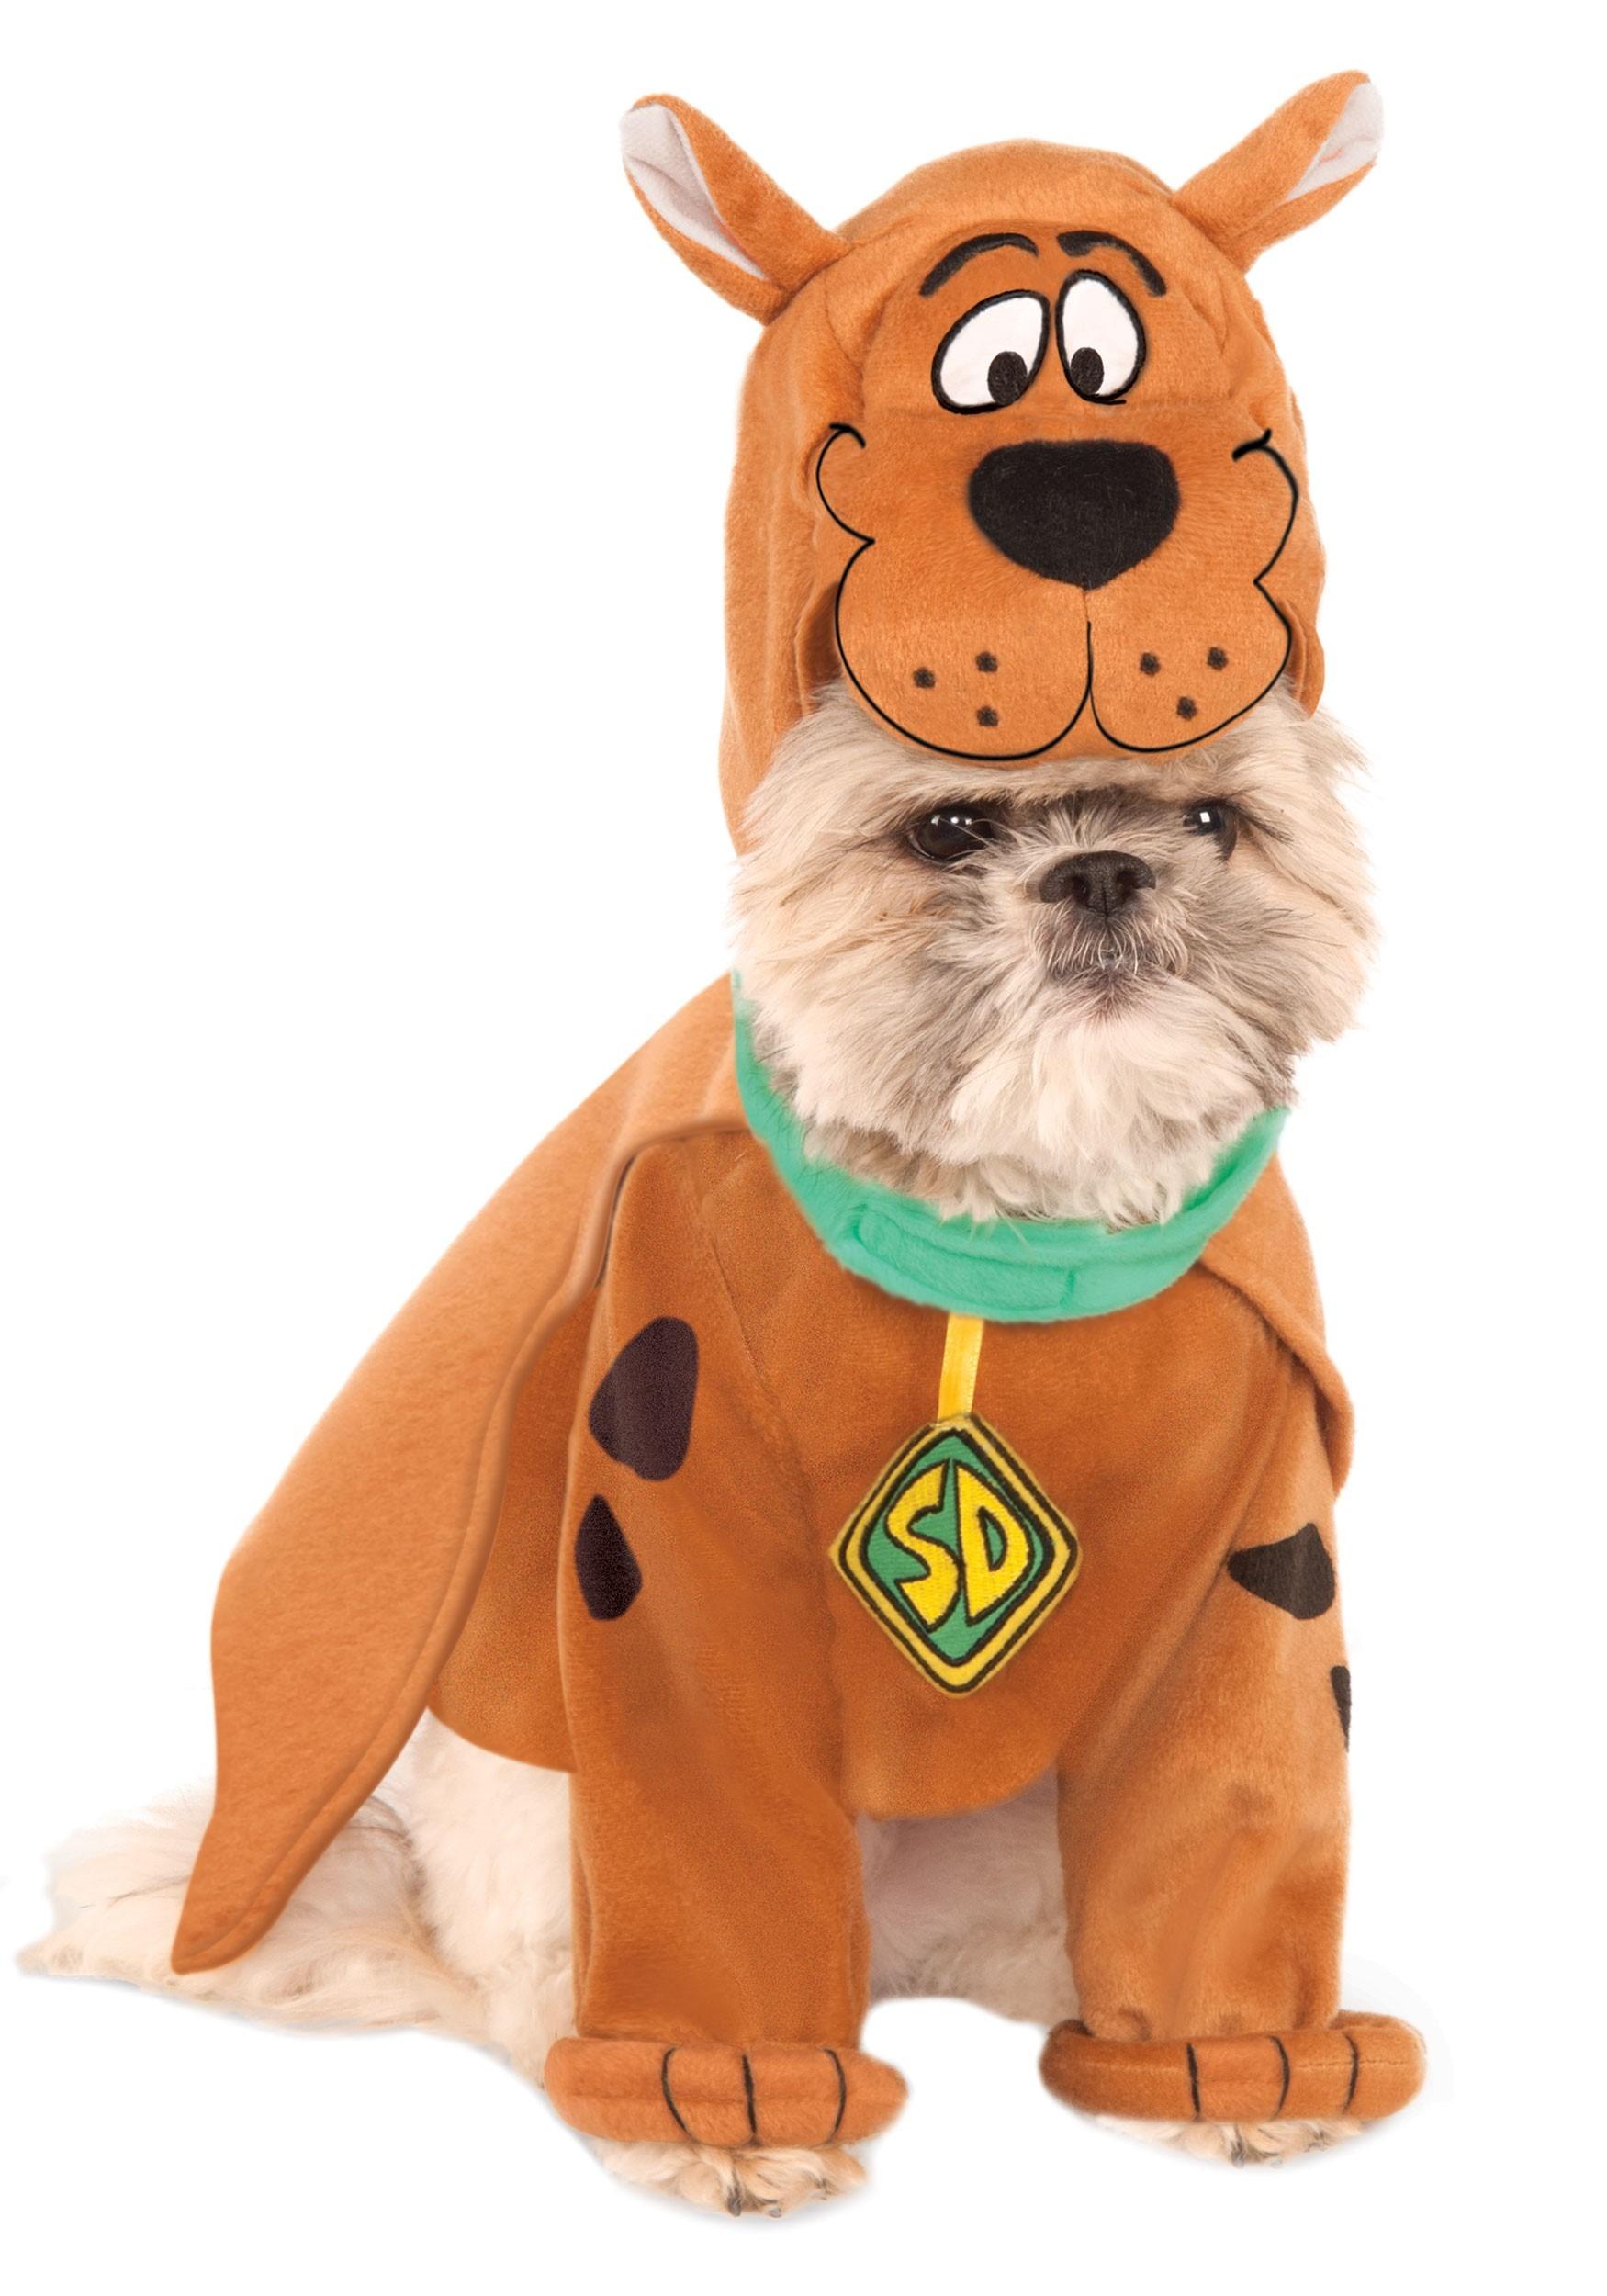 Scooby Doo Pet Costume